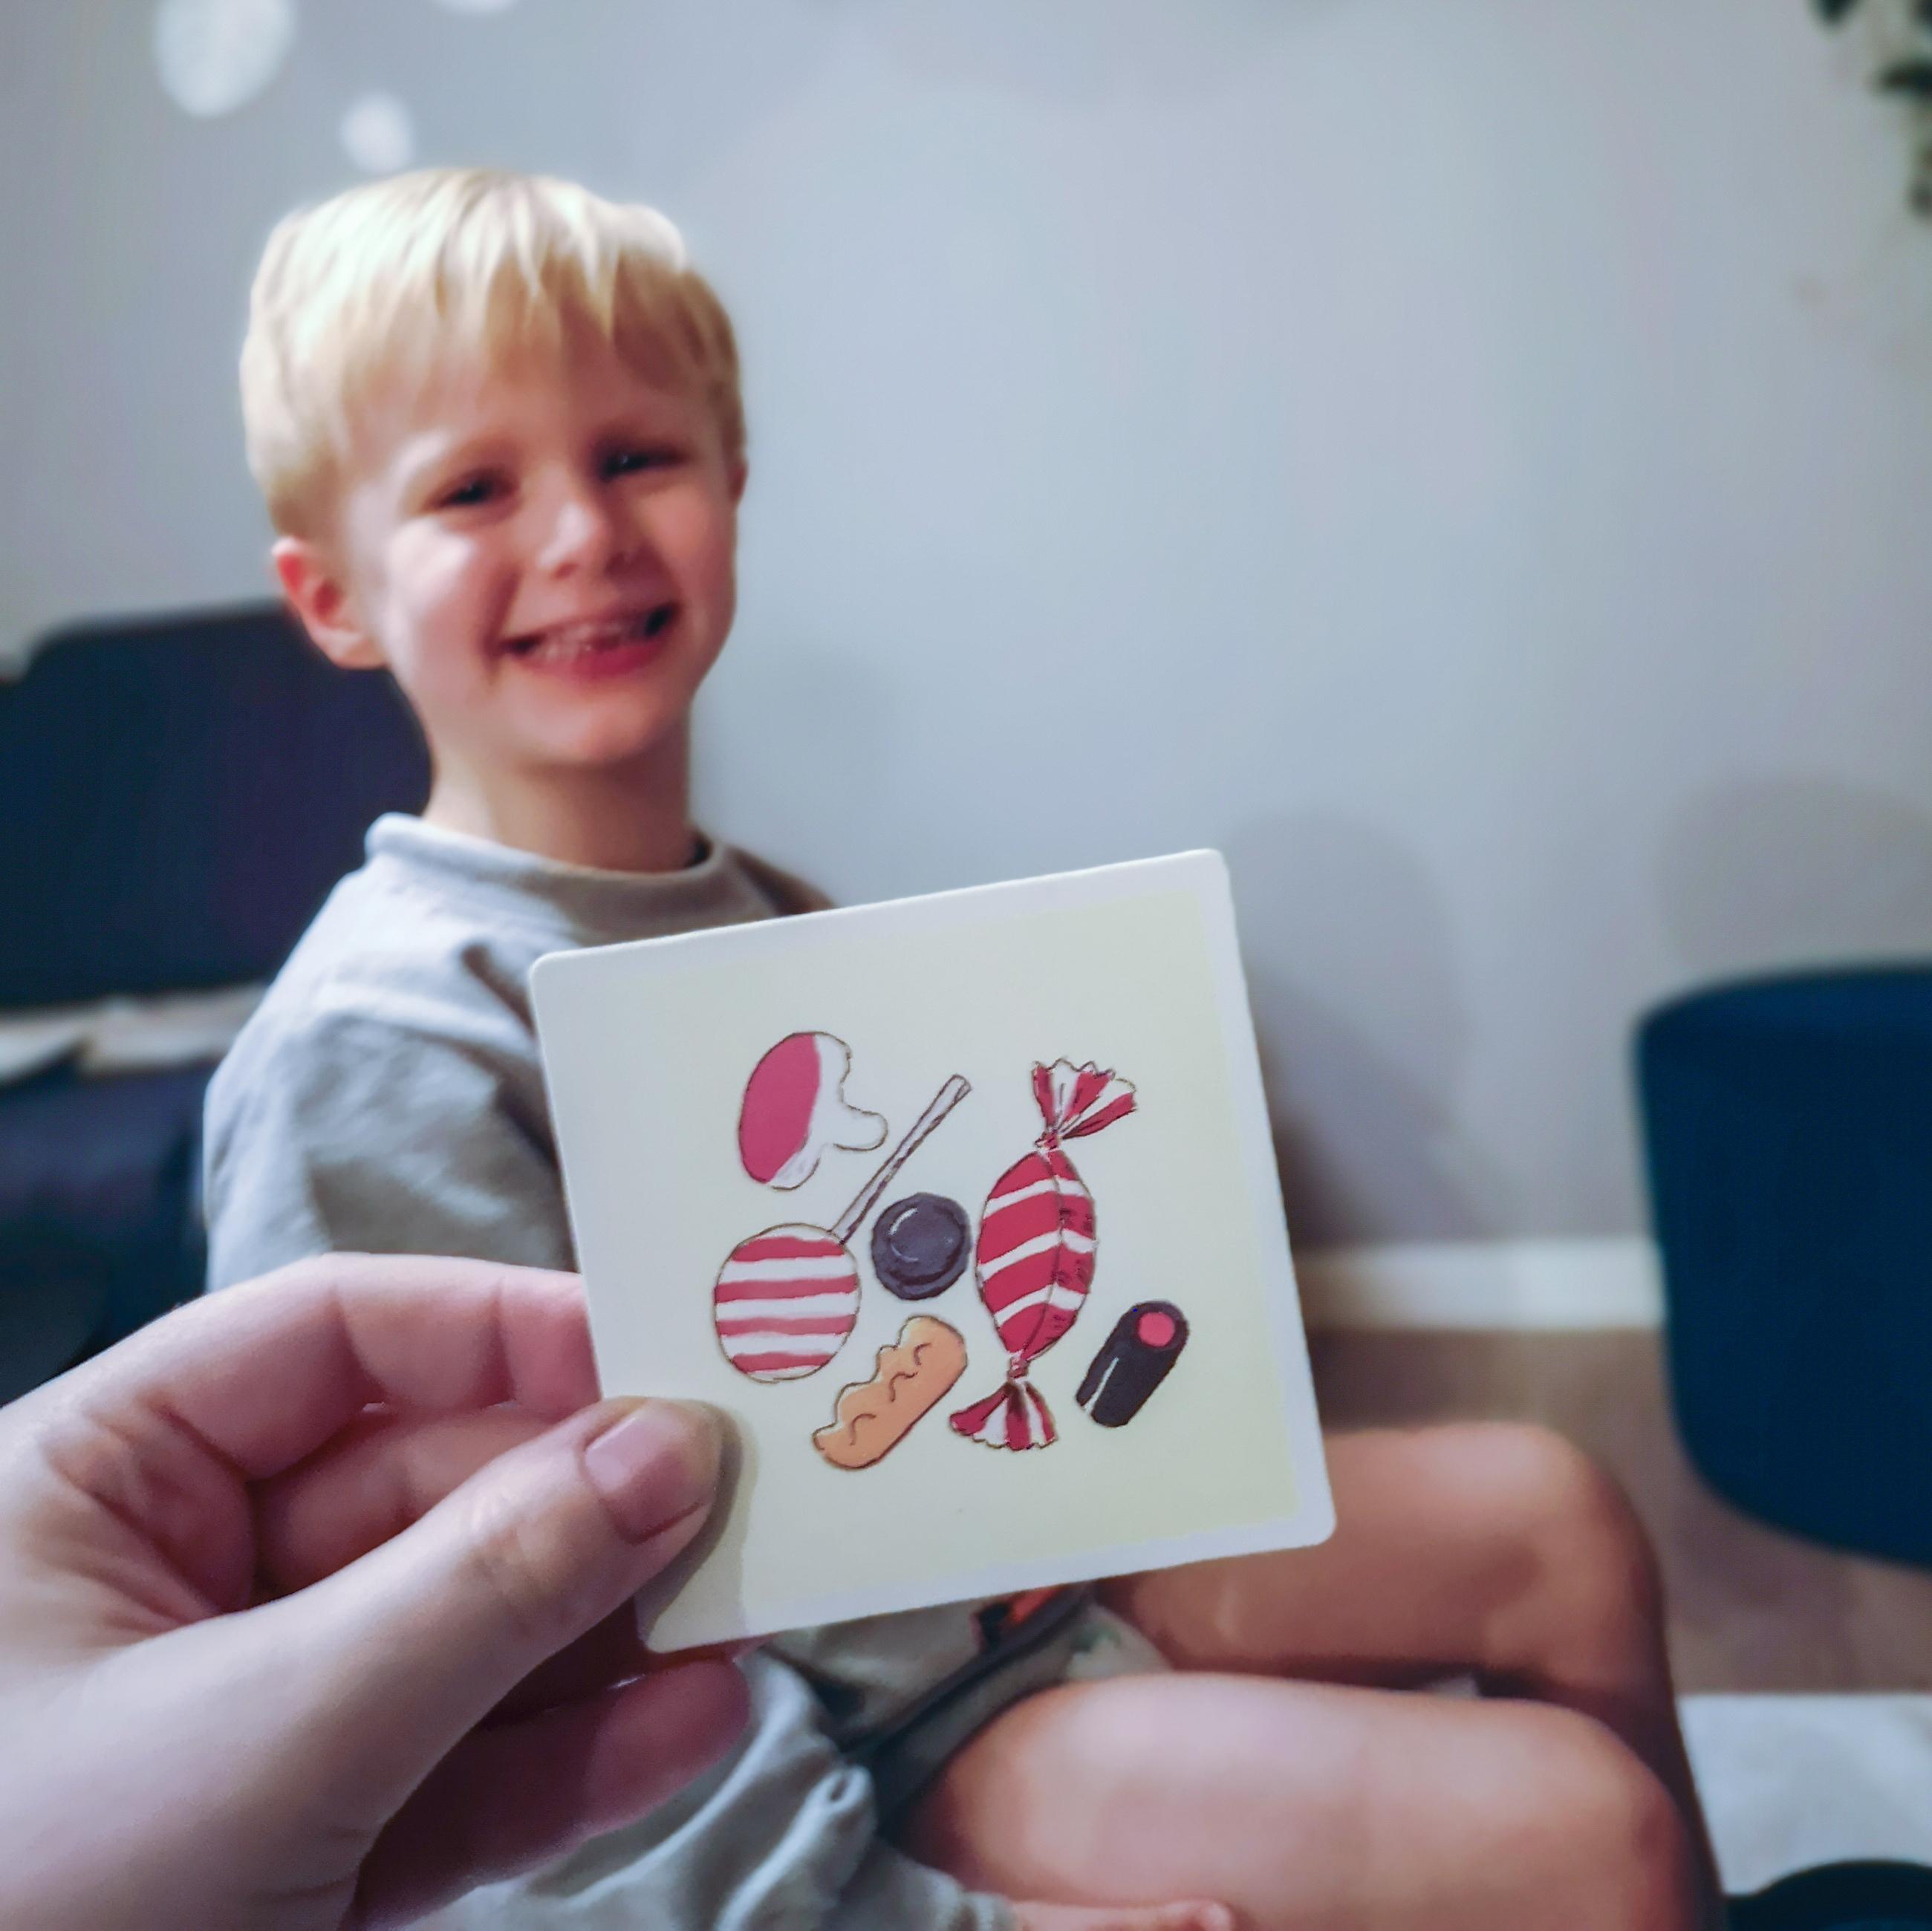 færre konflikter med dit barn med piktogrammer